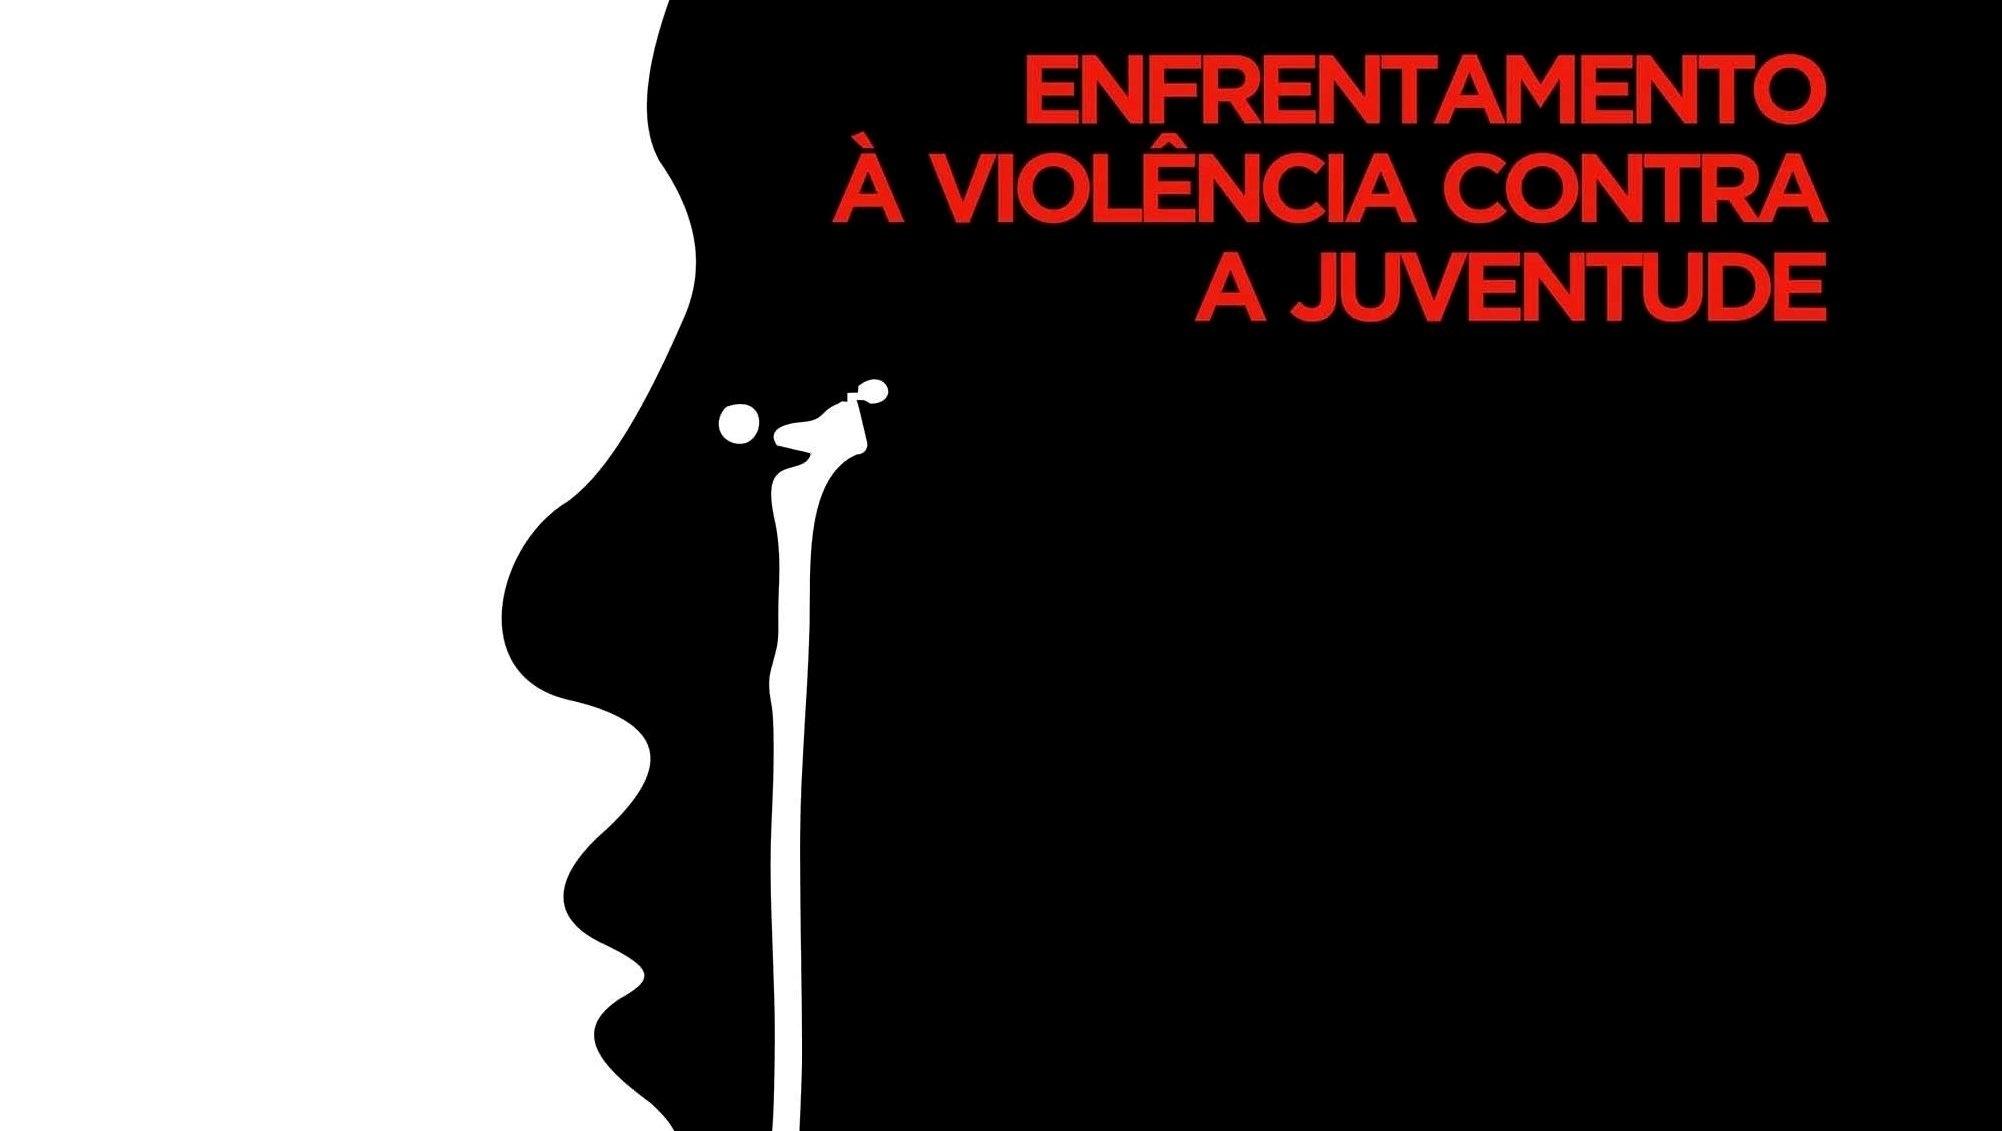 Jovens mortos no Brasil e em Goiás